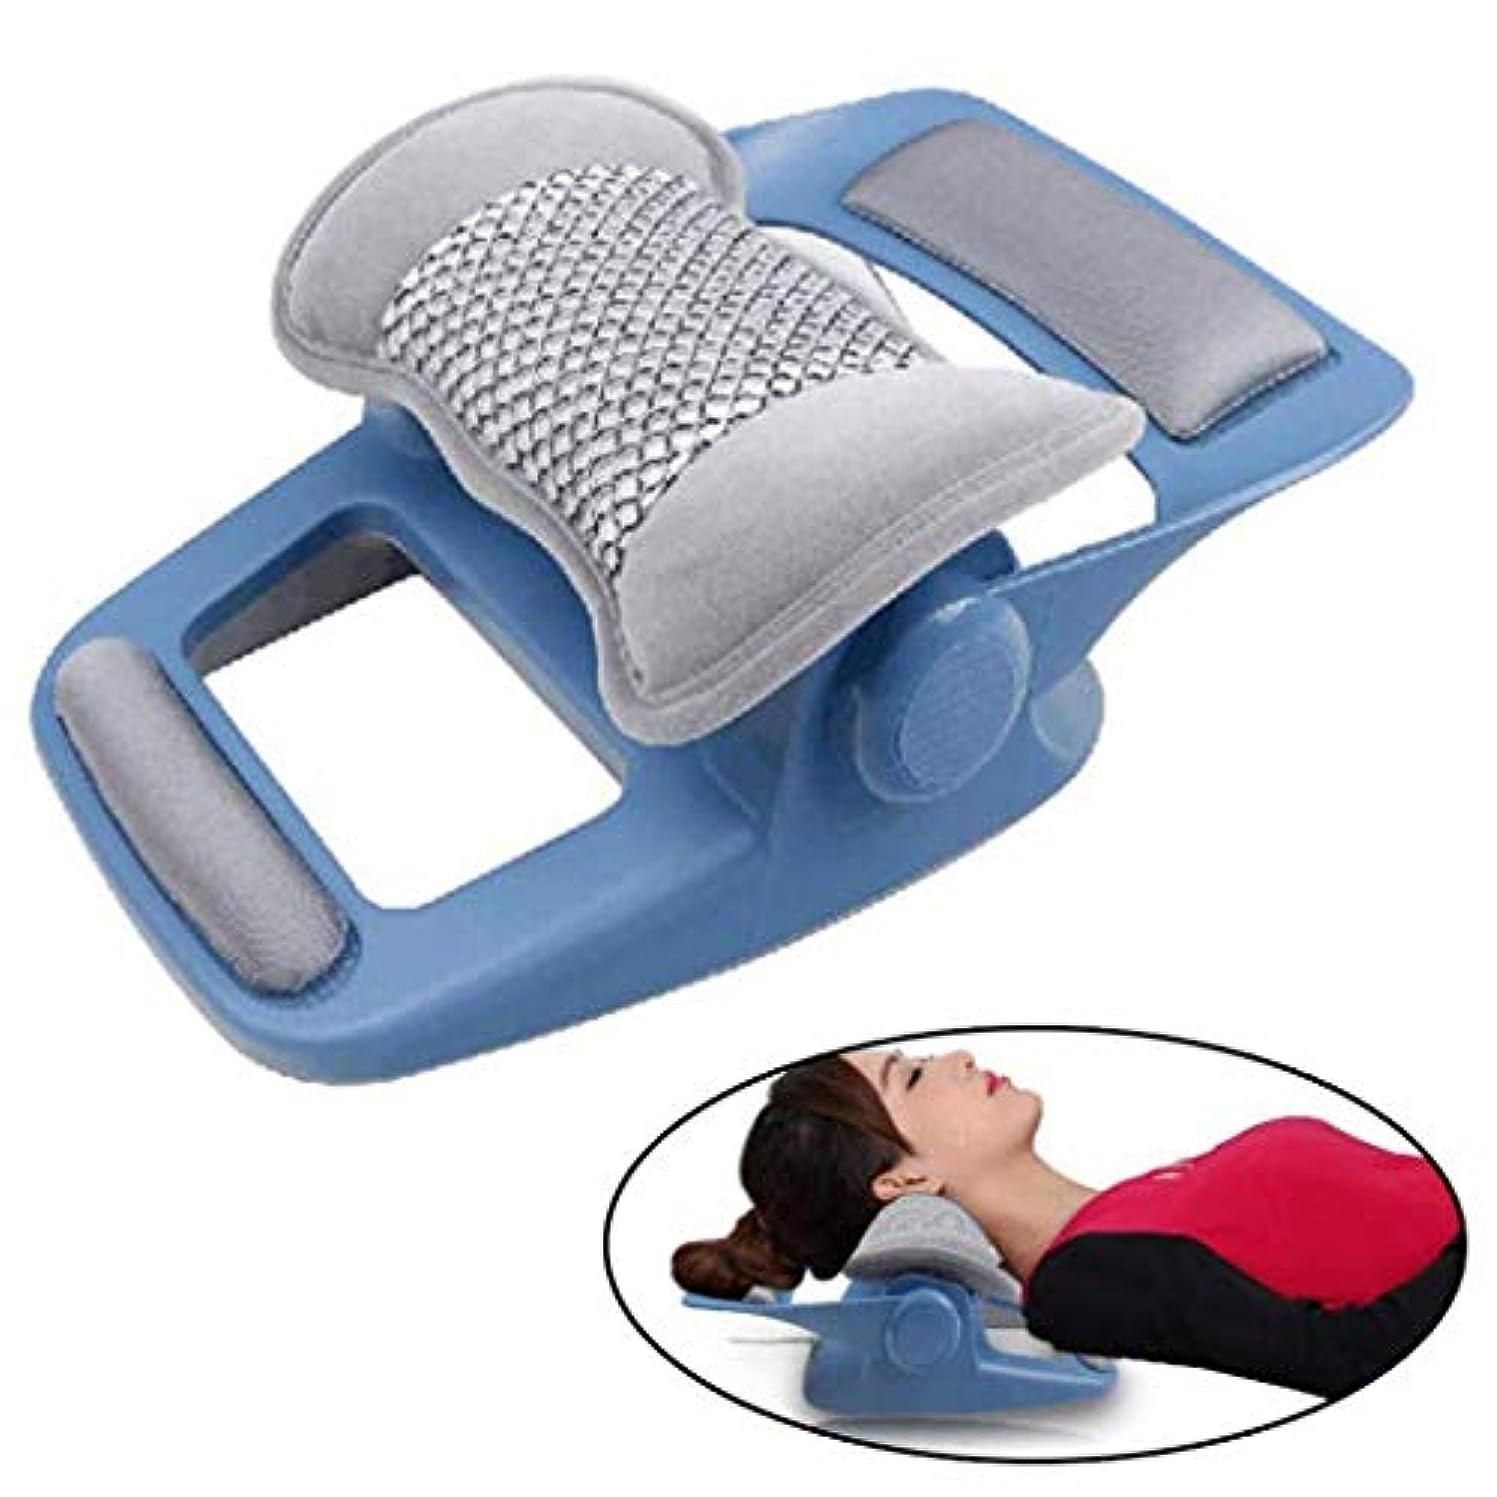 技術塩辛い映画マッサージャーサイドスリーパー、背中と胃の枕木用の整形外科枕頸部マッサージ枕バック